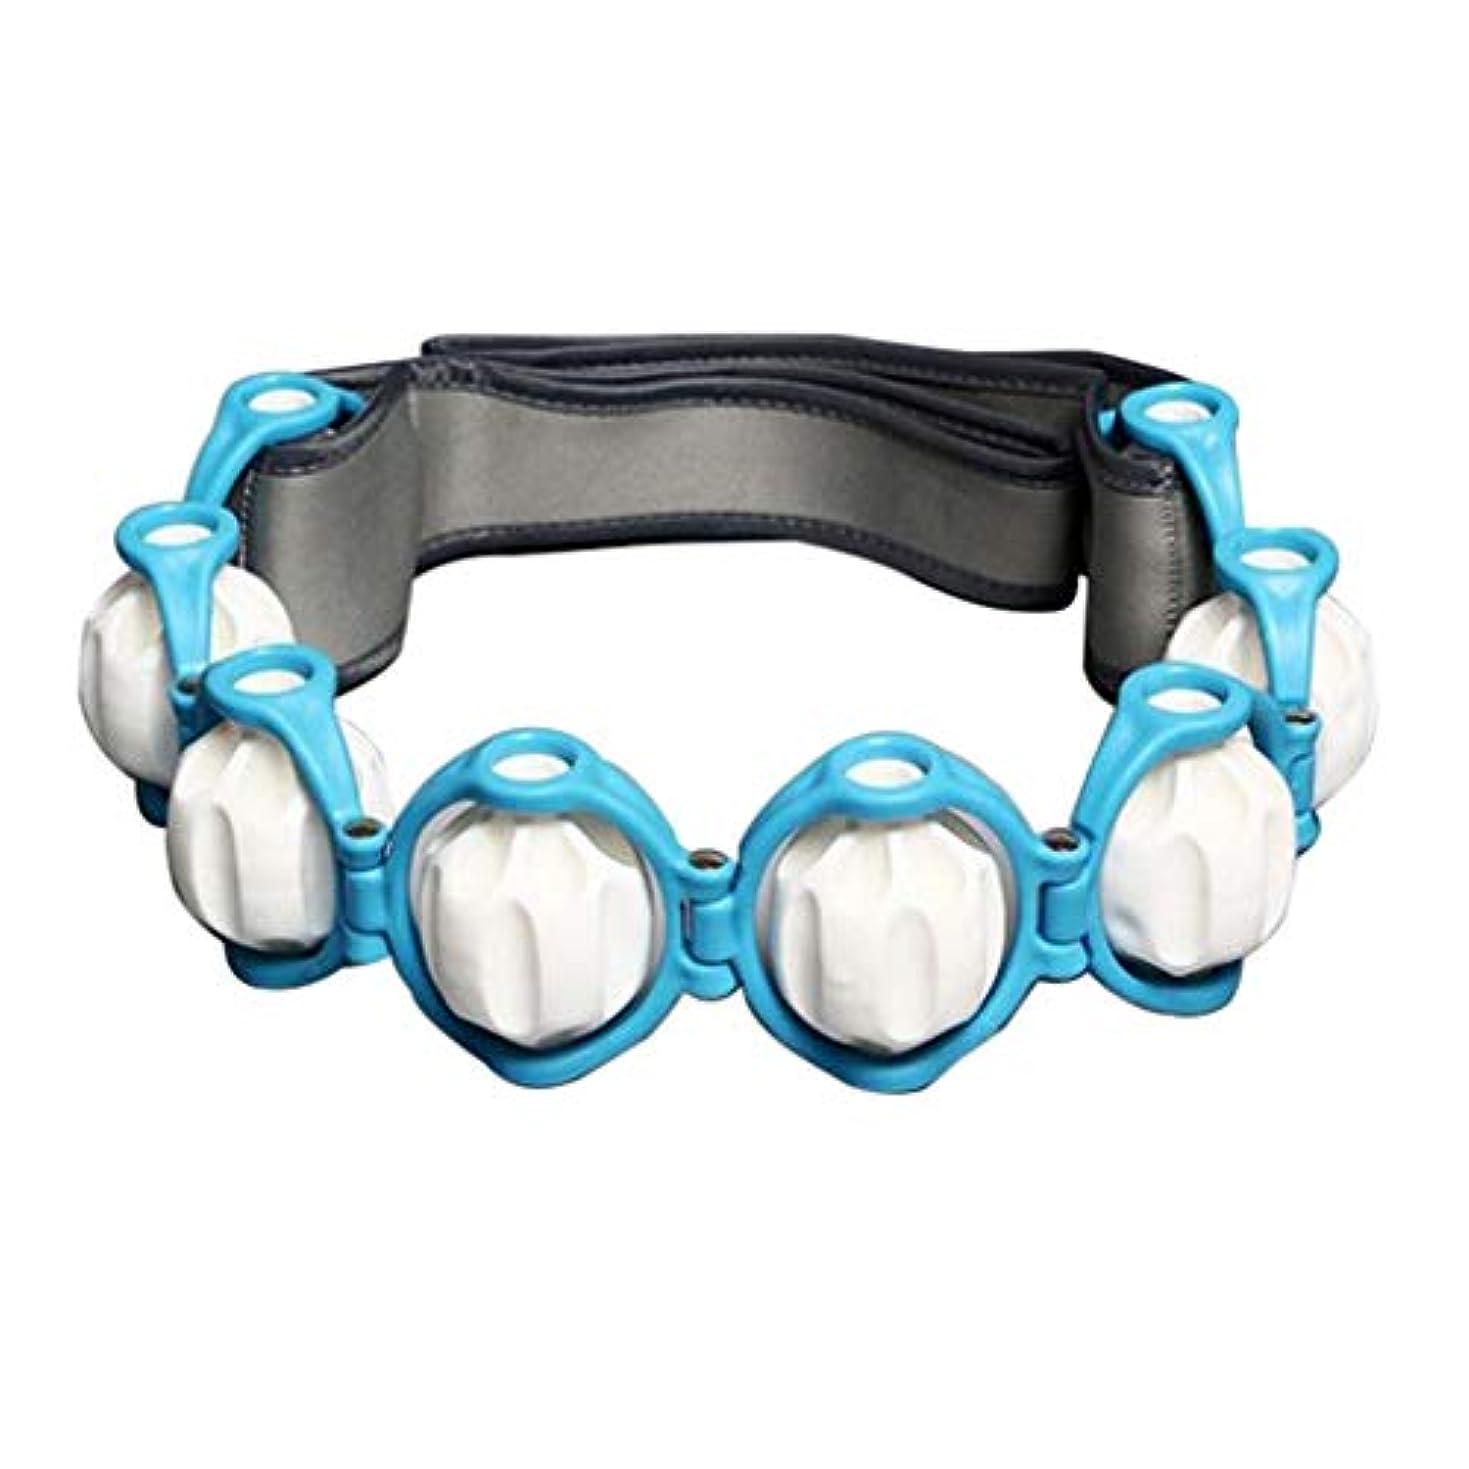 アルプスバッフル模索Hellery フルボディ - 多機能 - 痛みを軽減するためのハンドヘルドマッサージローラーロープ - 青, 説明したように